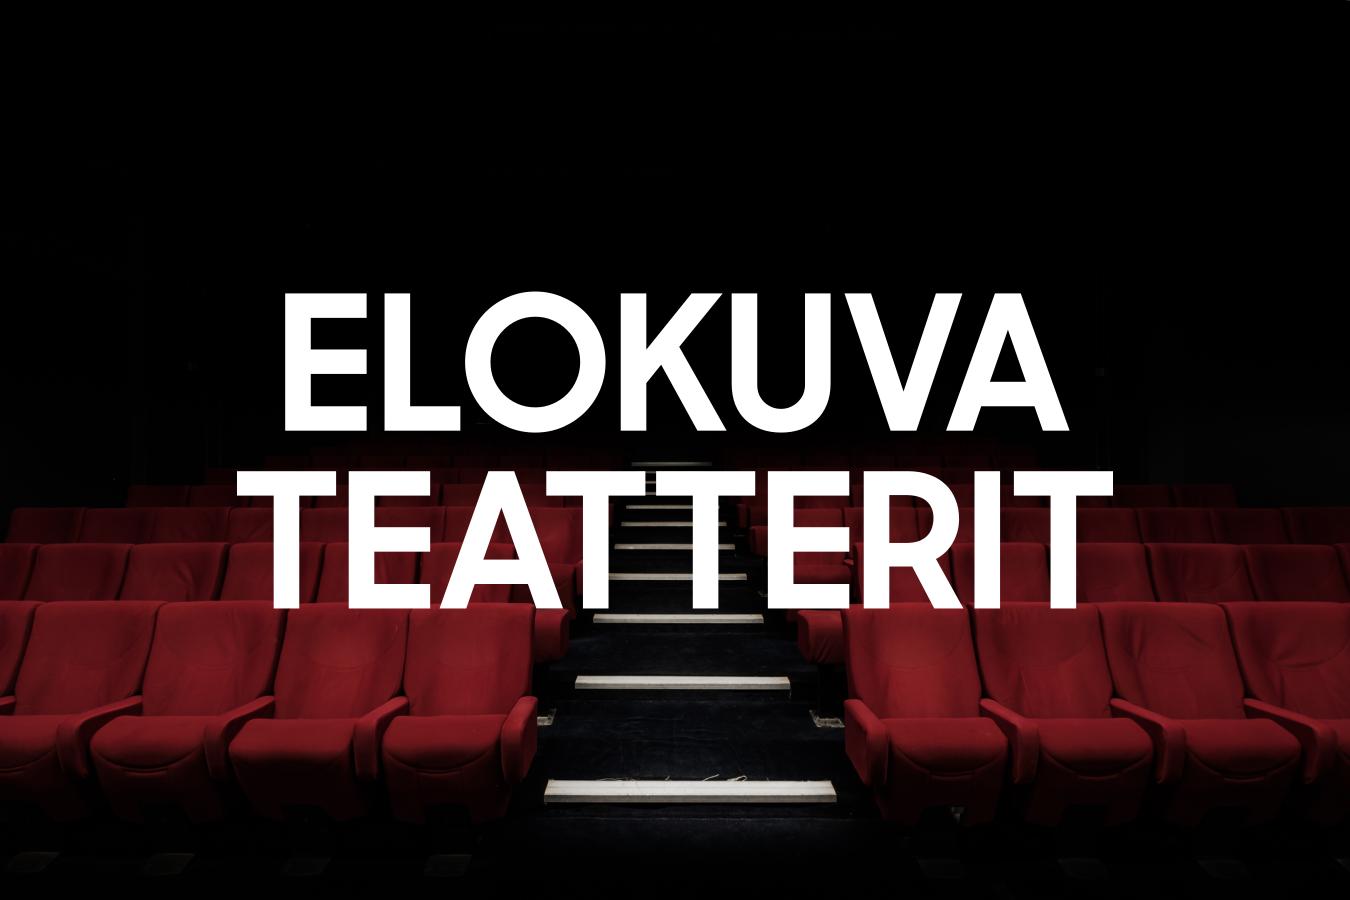 elokuvateatterit_1350x900